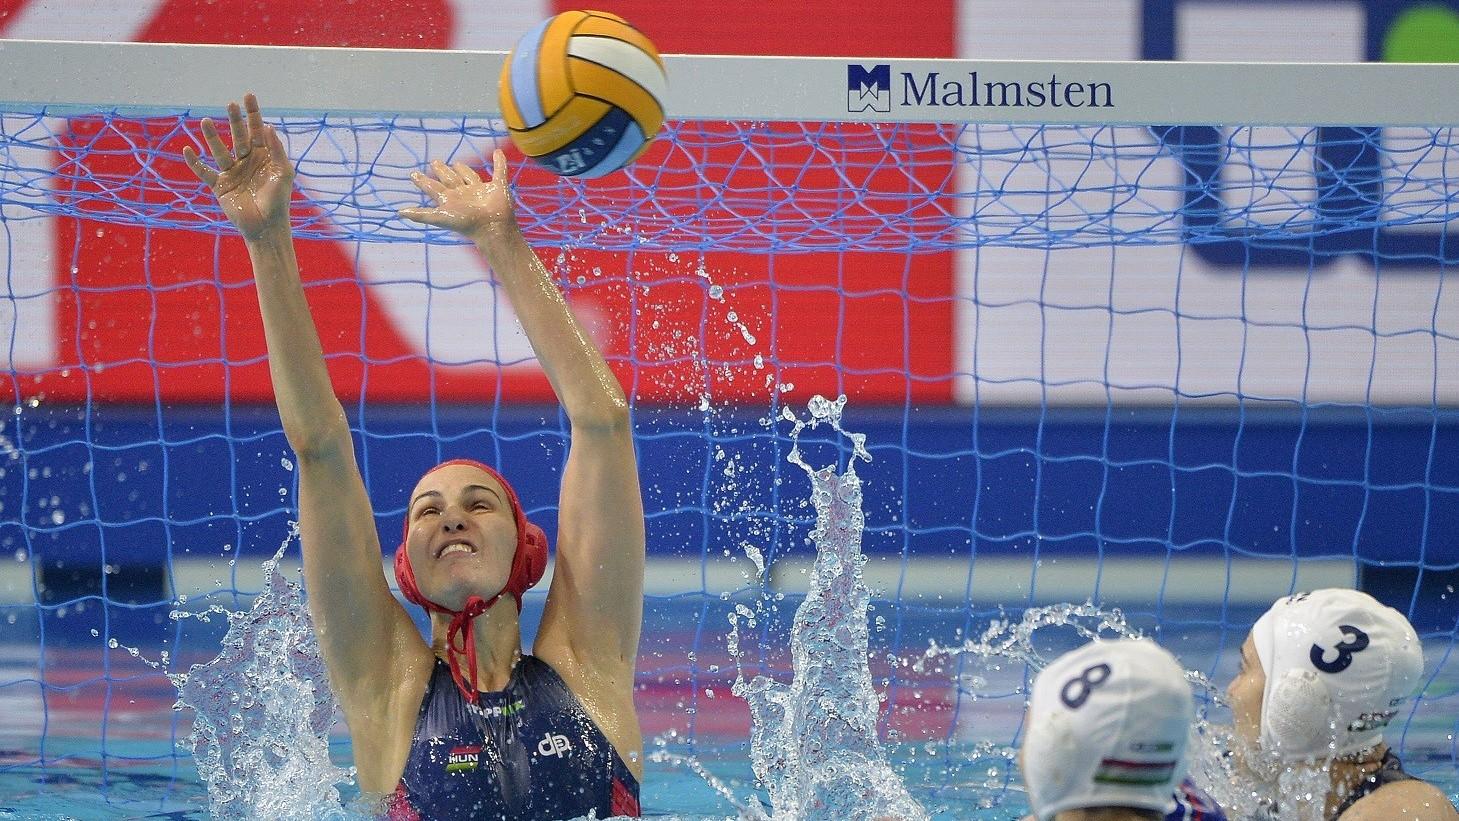 Negyeddöntős a női válogatott a vízilabda Eb-n